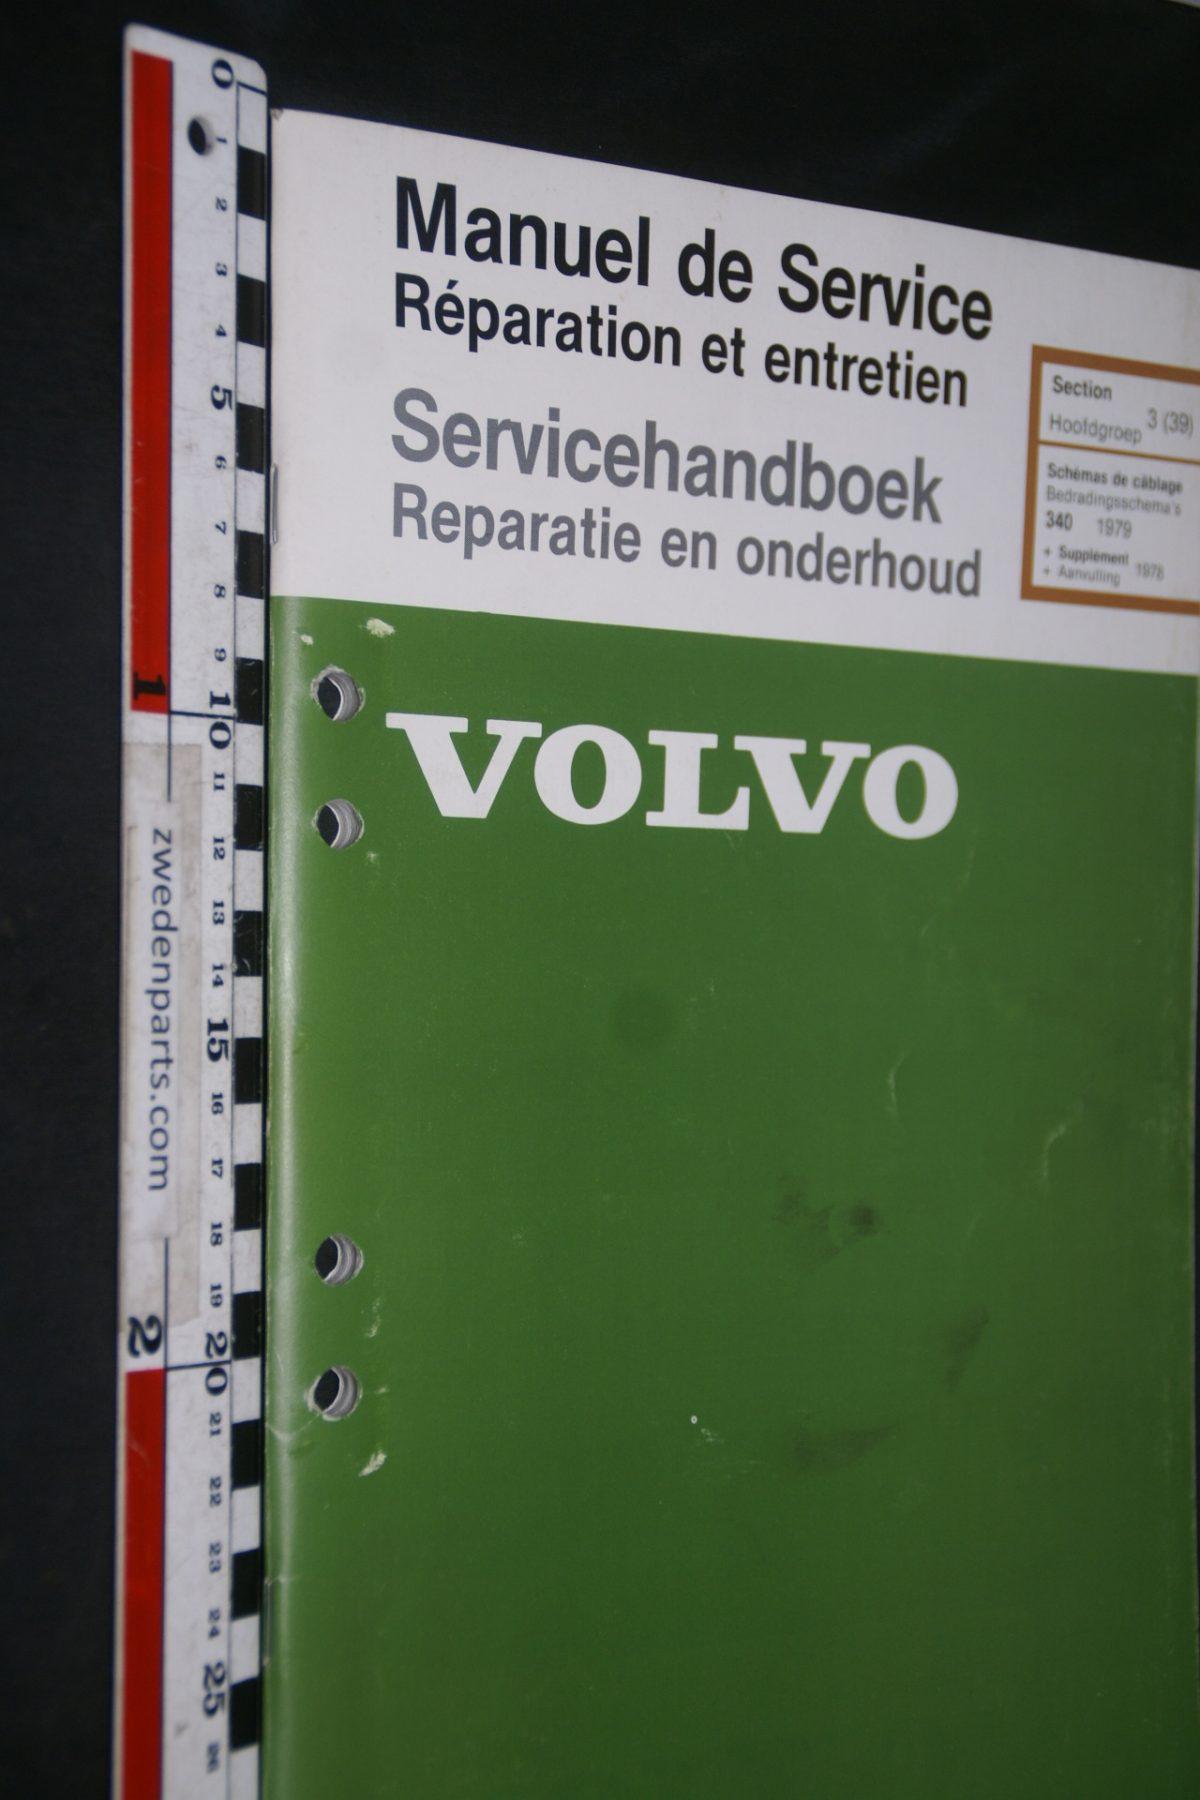 DSC06854 1979 origineel Volvo 340 servicehandboek 3(39) bedradingsschema 1 van 2000 TP 35001-1 Francais, Hollands